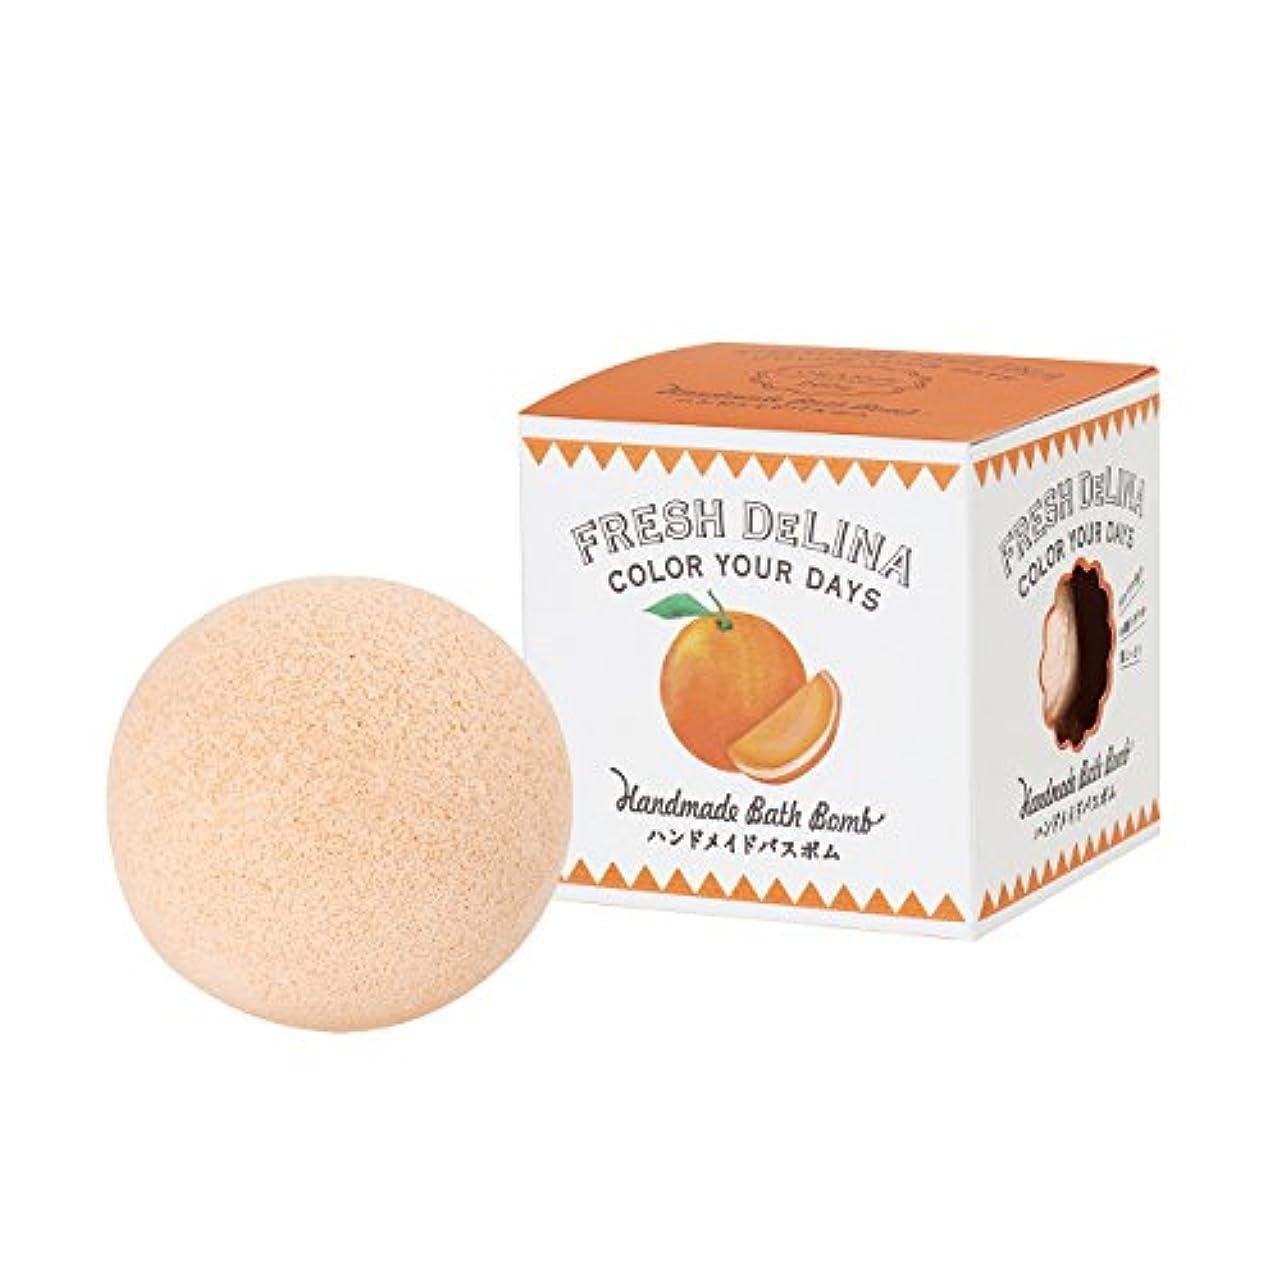 足枷雨の香ばしいフレッシュデリーナ ハンドメイドバスボム オレンジ 200g